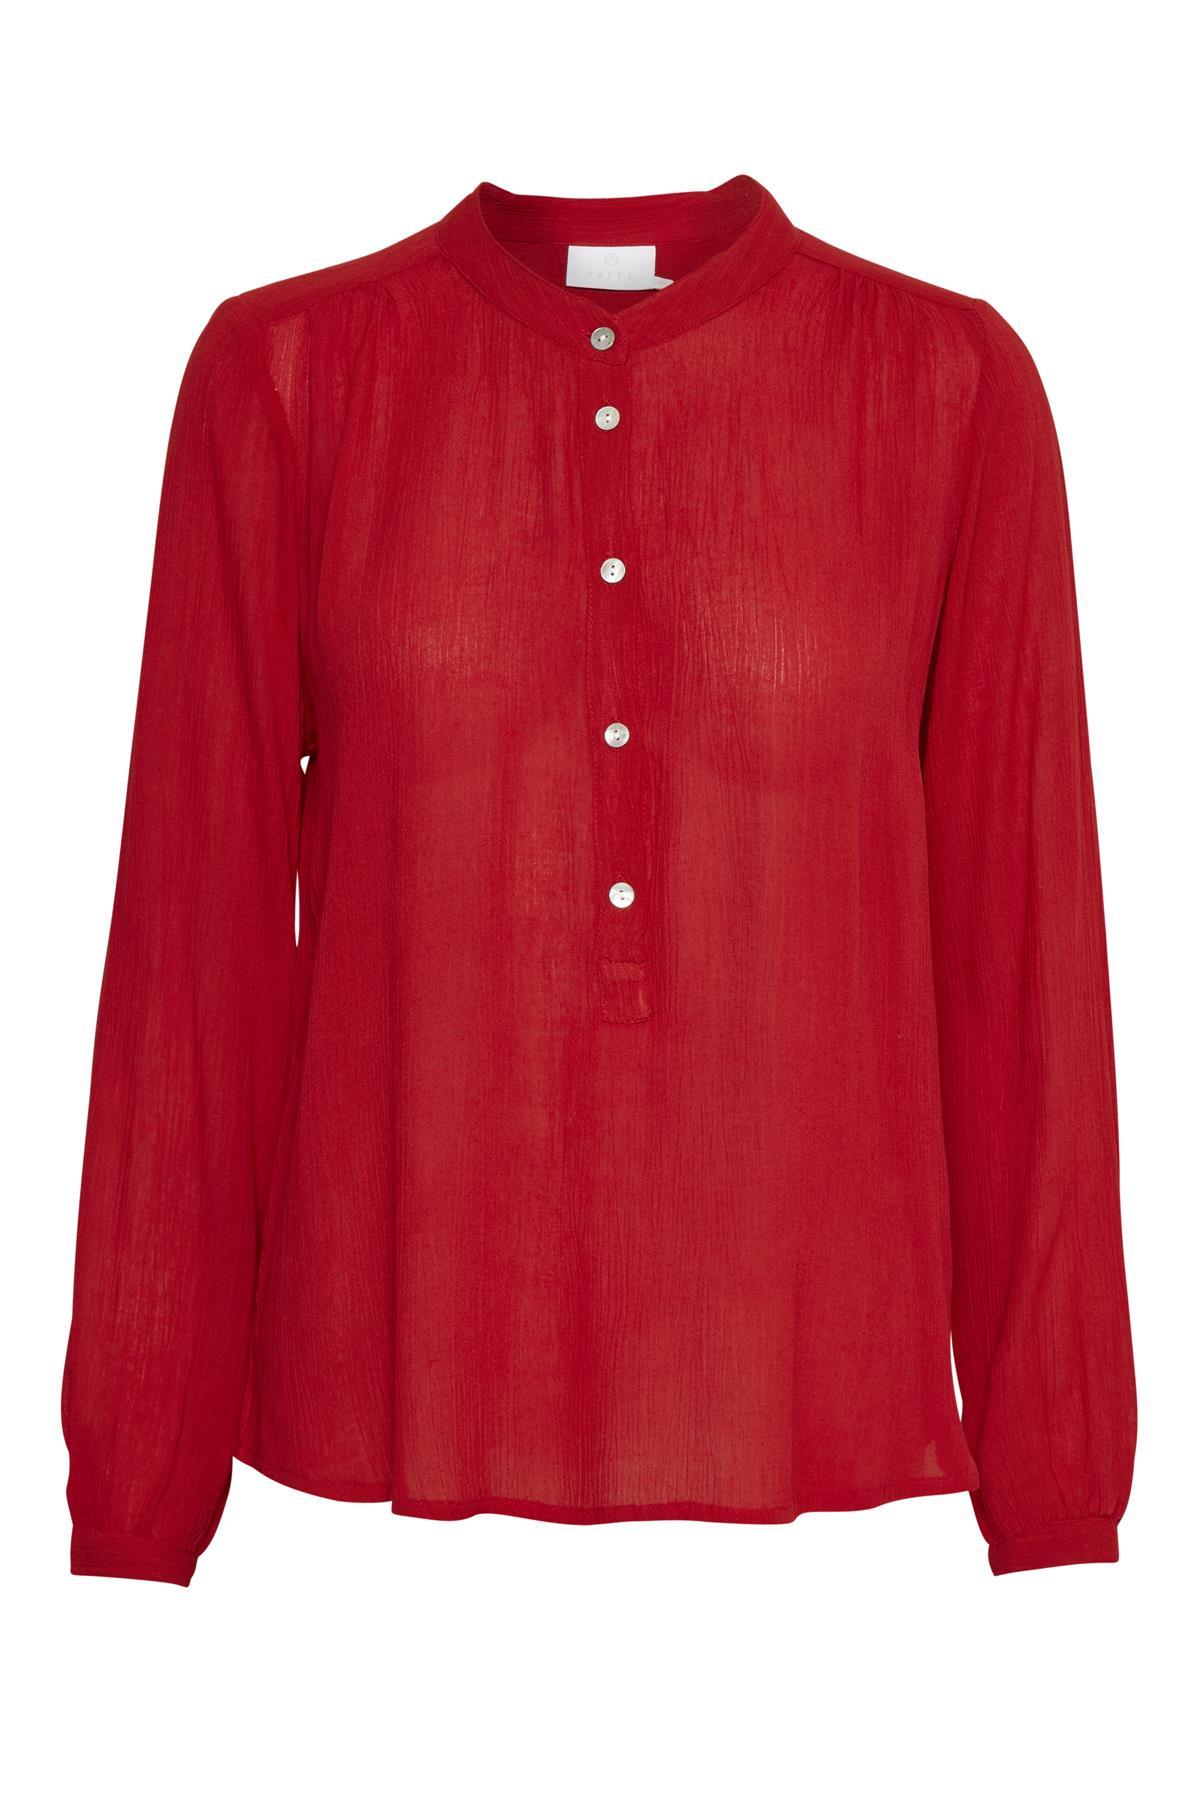 Rød Langærmet bluse fra Kaffe – Køb Rød Langærmet bluse fra str. 34-46 her